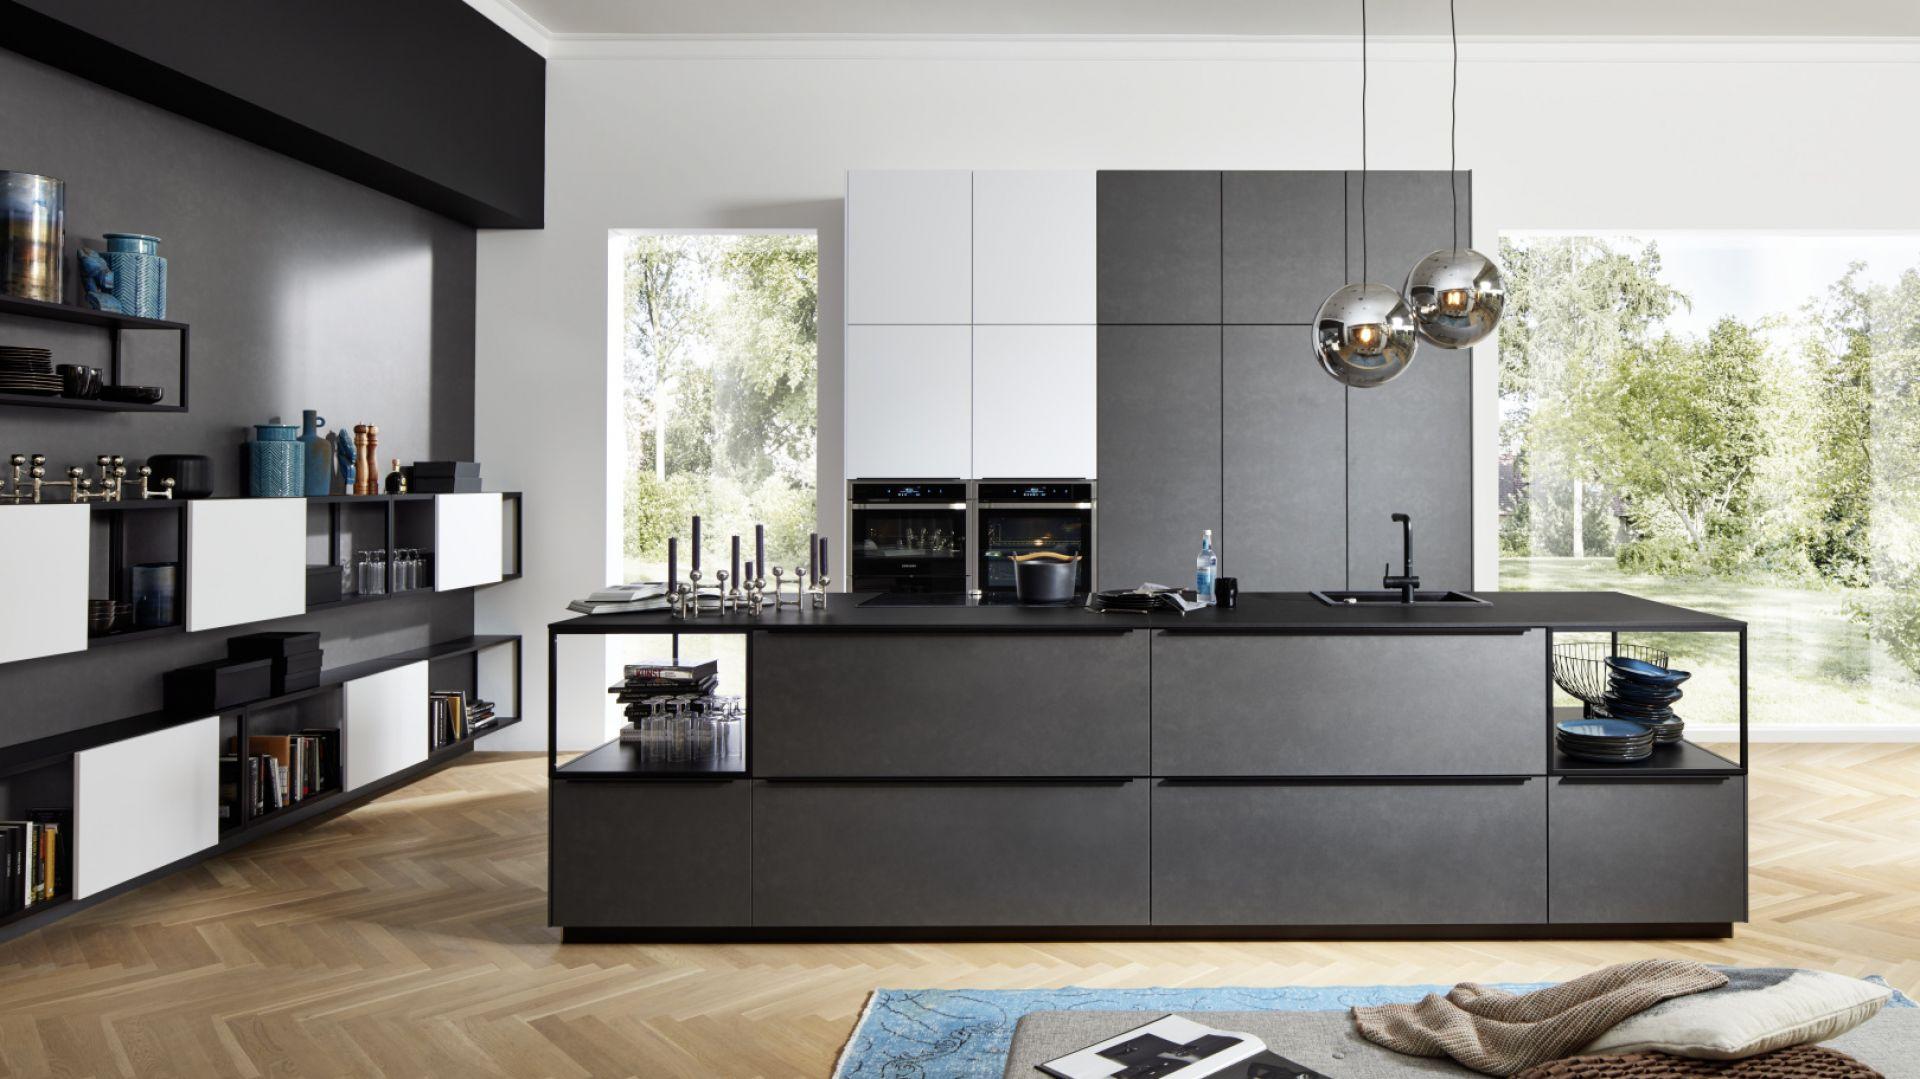 Meble kuchenne Ferro wyróżniają fronty w kolorze błękitnej stali pokryte warstwą specjalnego laminatu z opiłkami metalu. Fot. Nolte Küchen